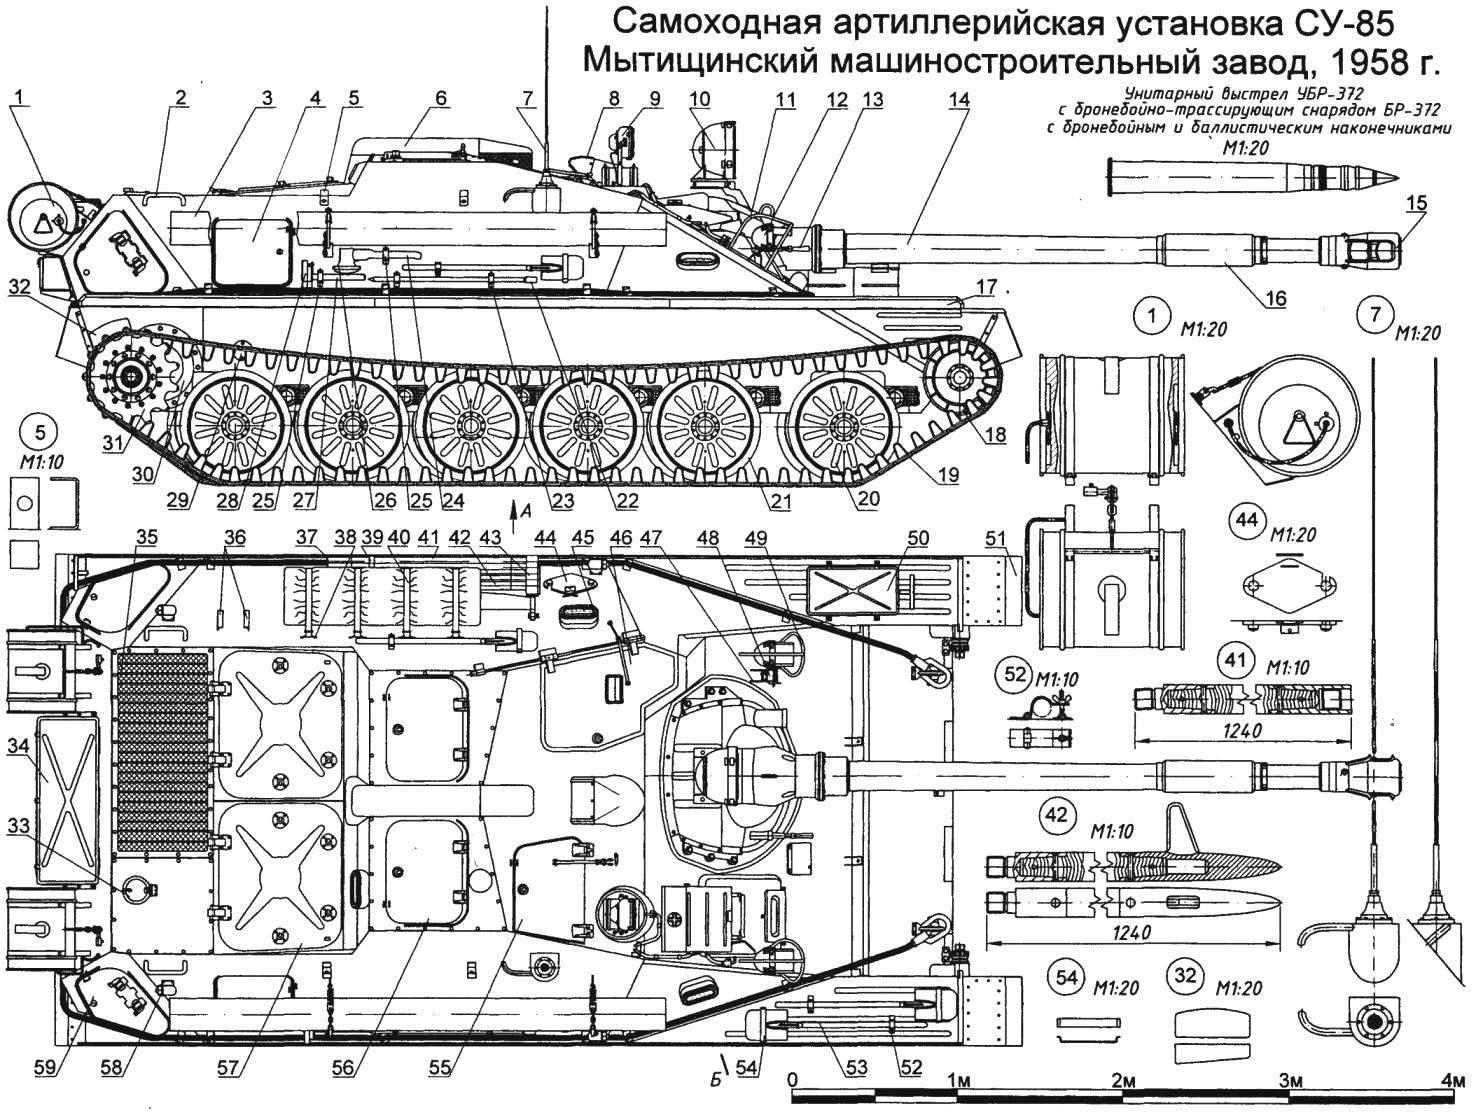 Самоходная артиллерийская установка СУ-85